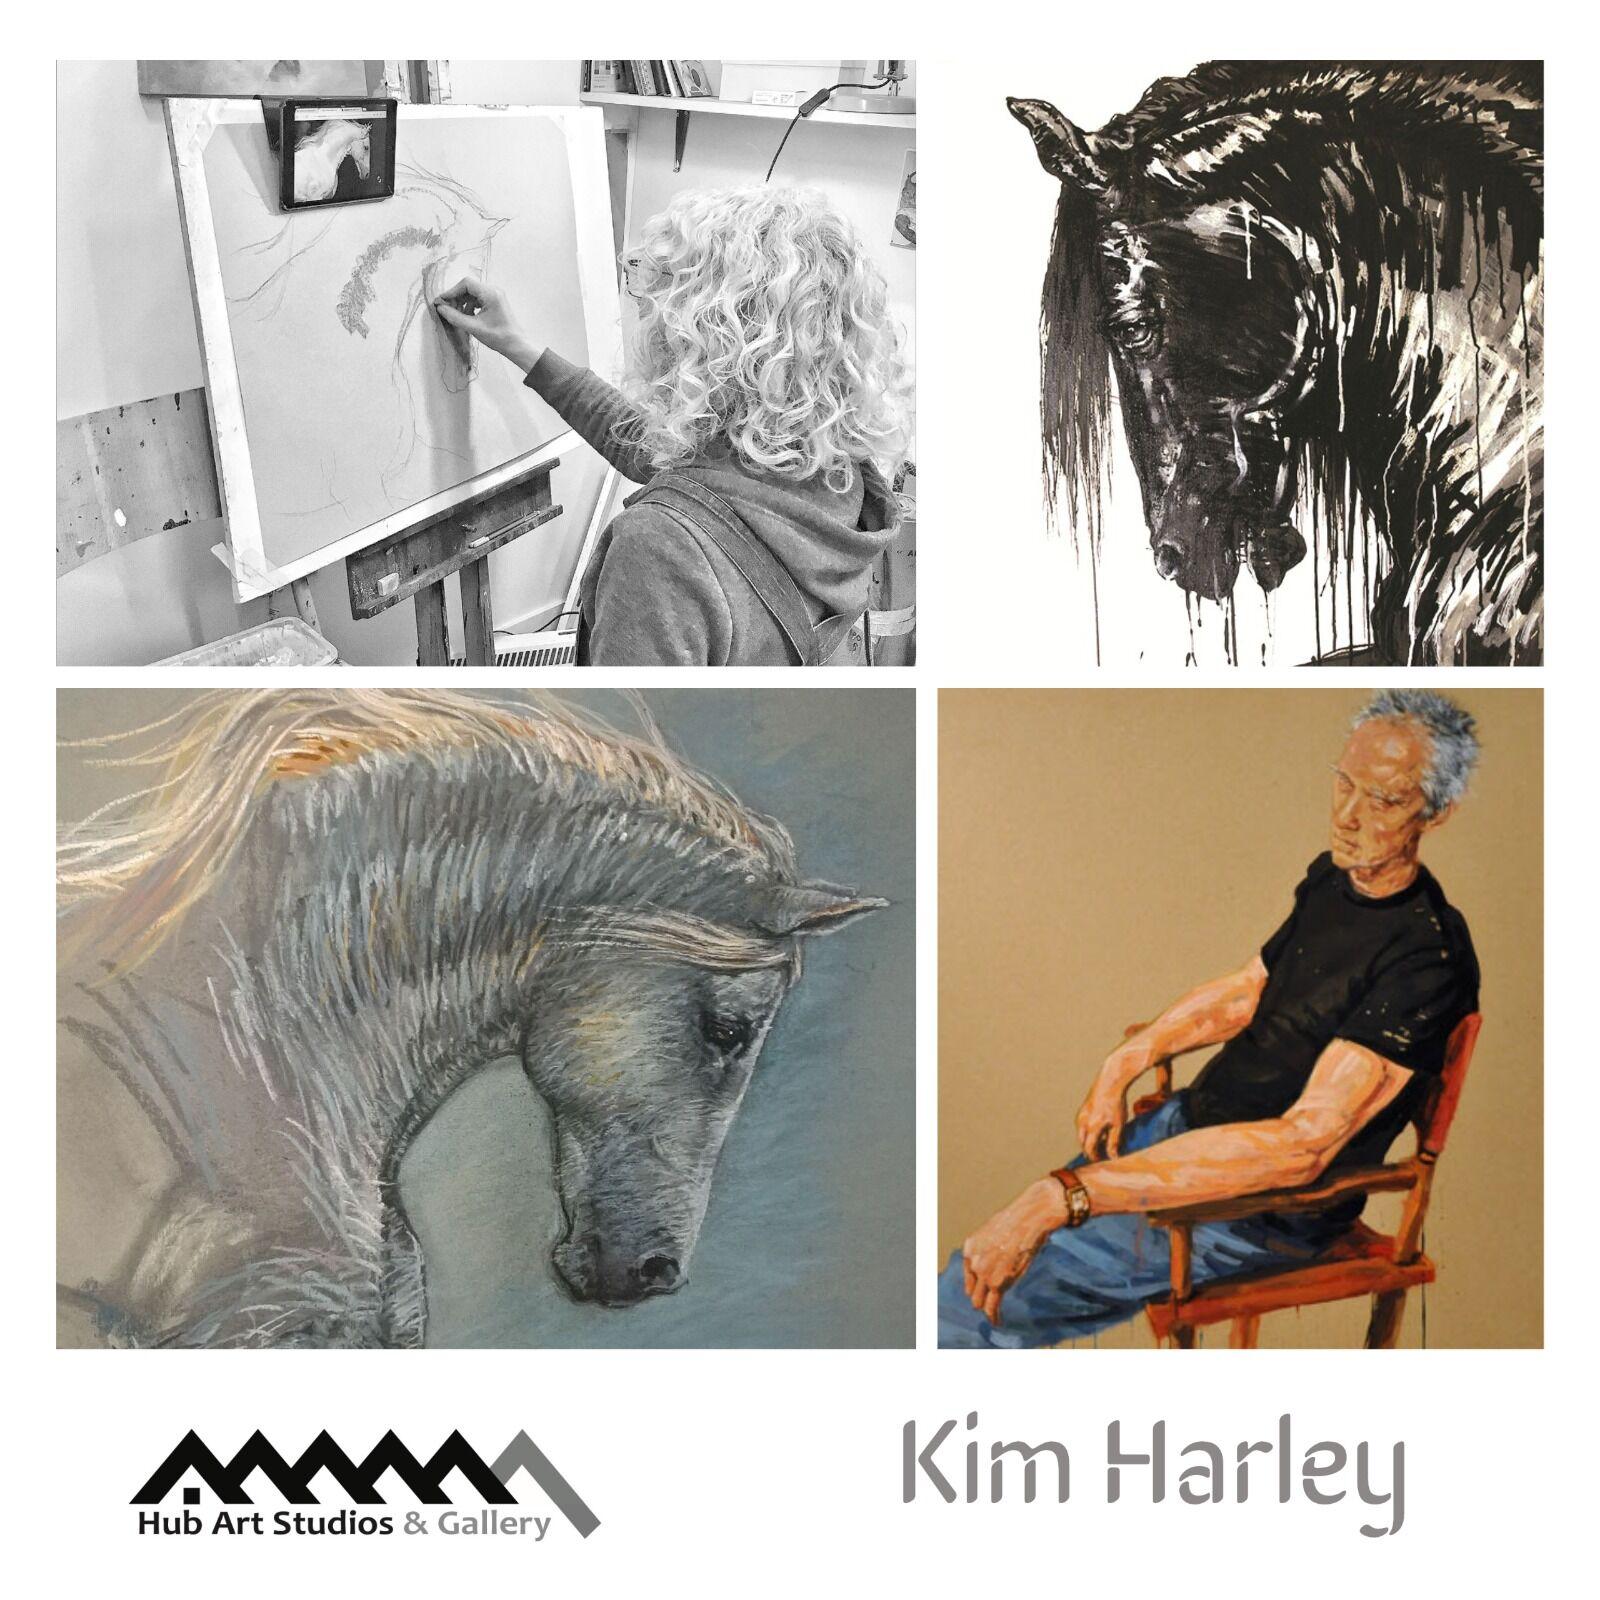 Kim Harley